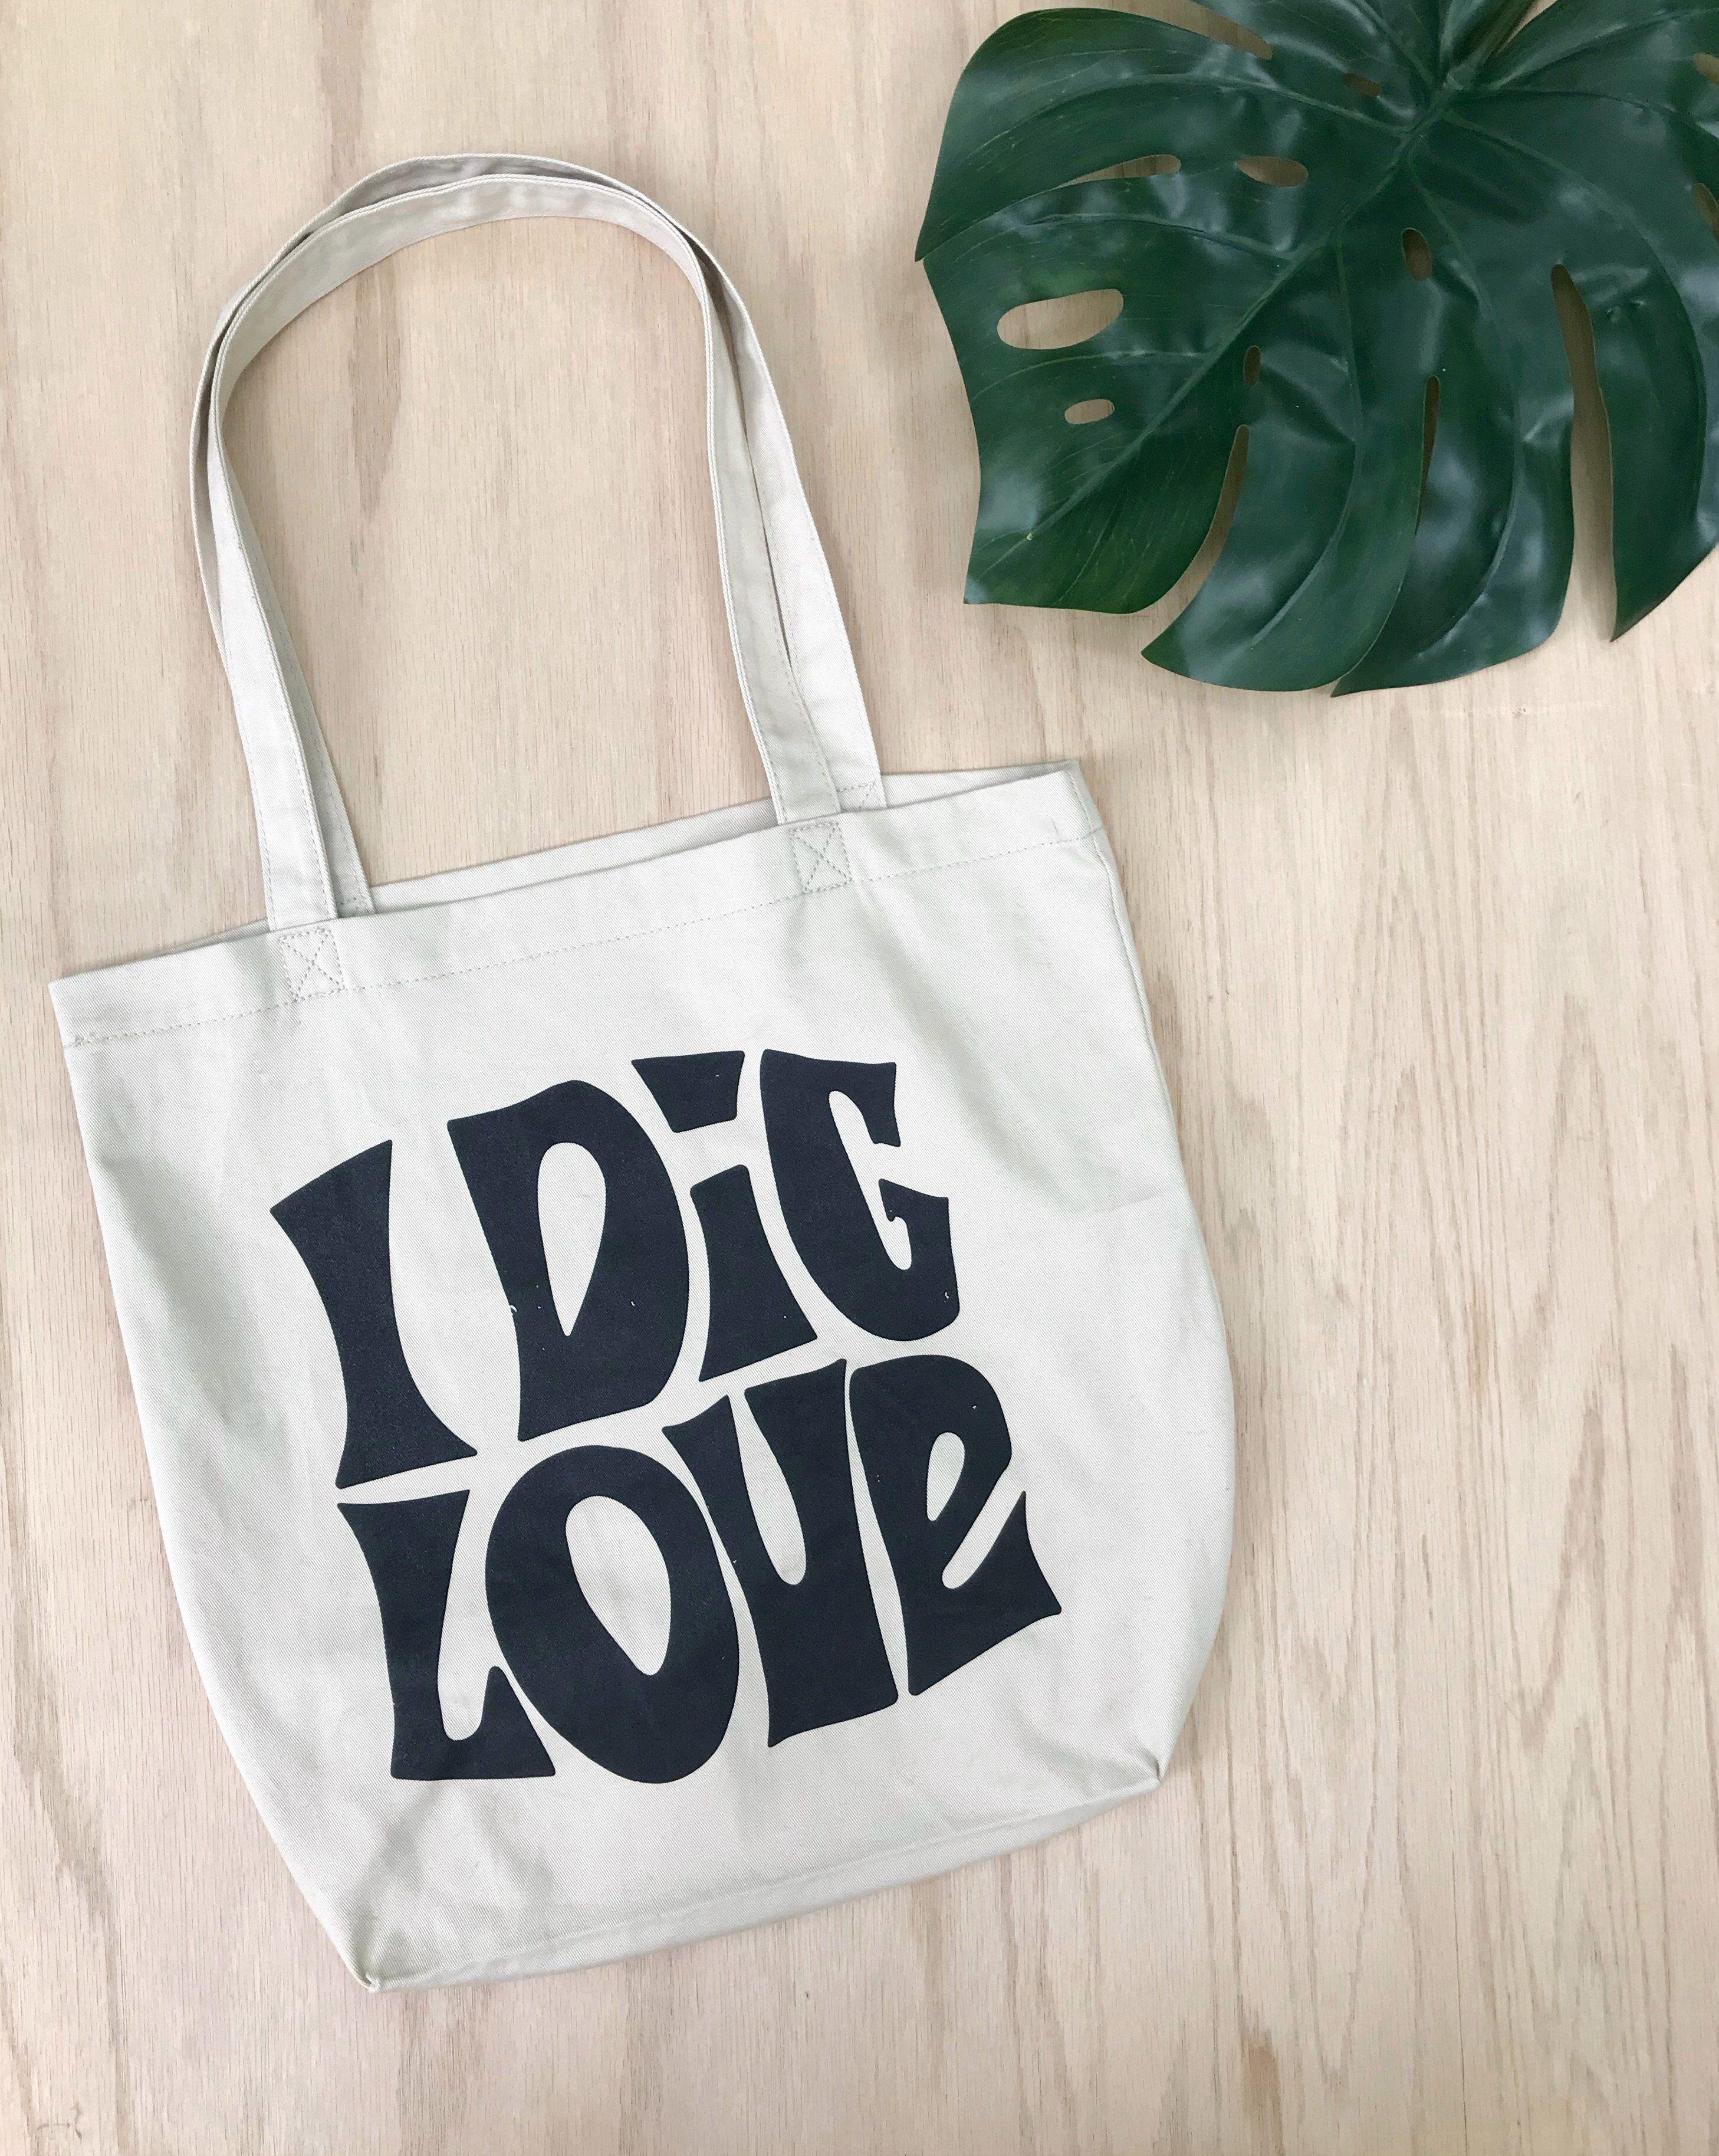 SCDS Little Black Dog PU Leather Lady Handbag Tote Bag Zipper Shoulder Bag